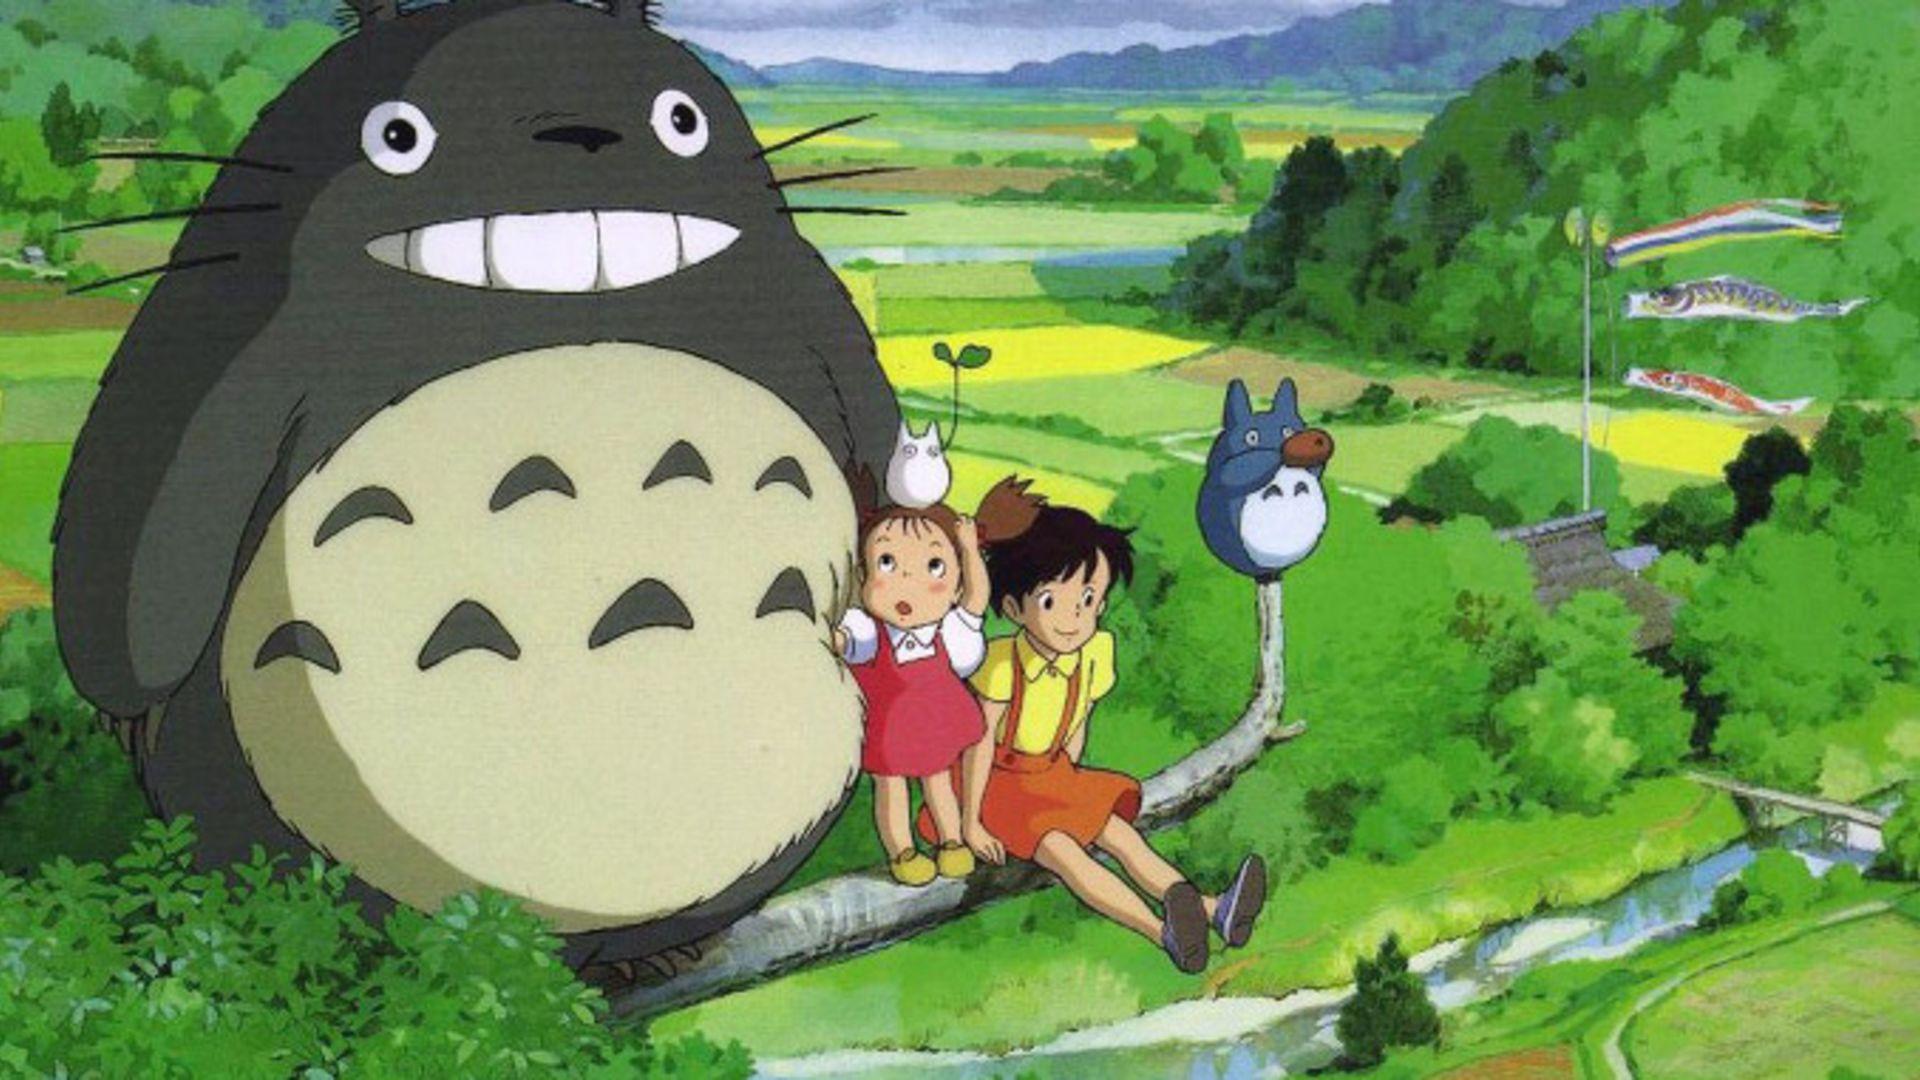 Hayao Miyazaki Totoro